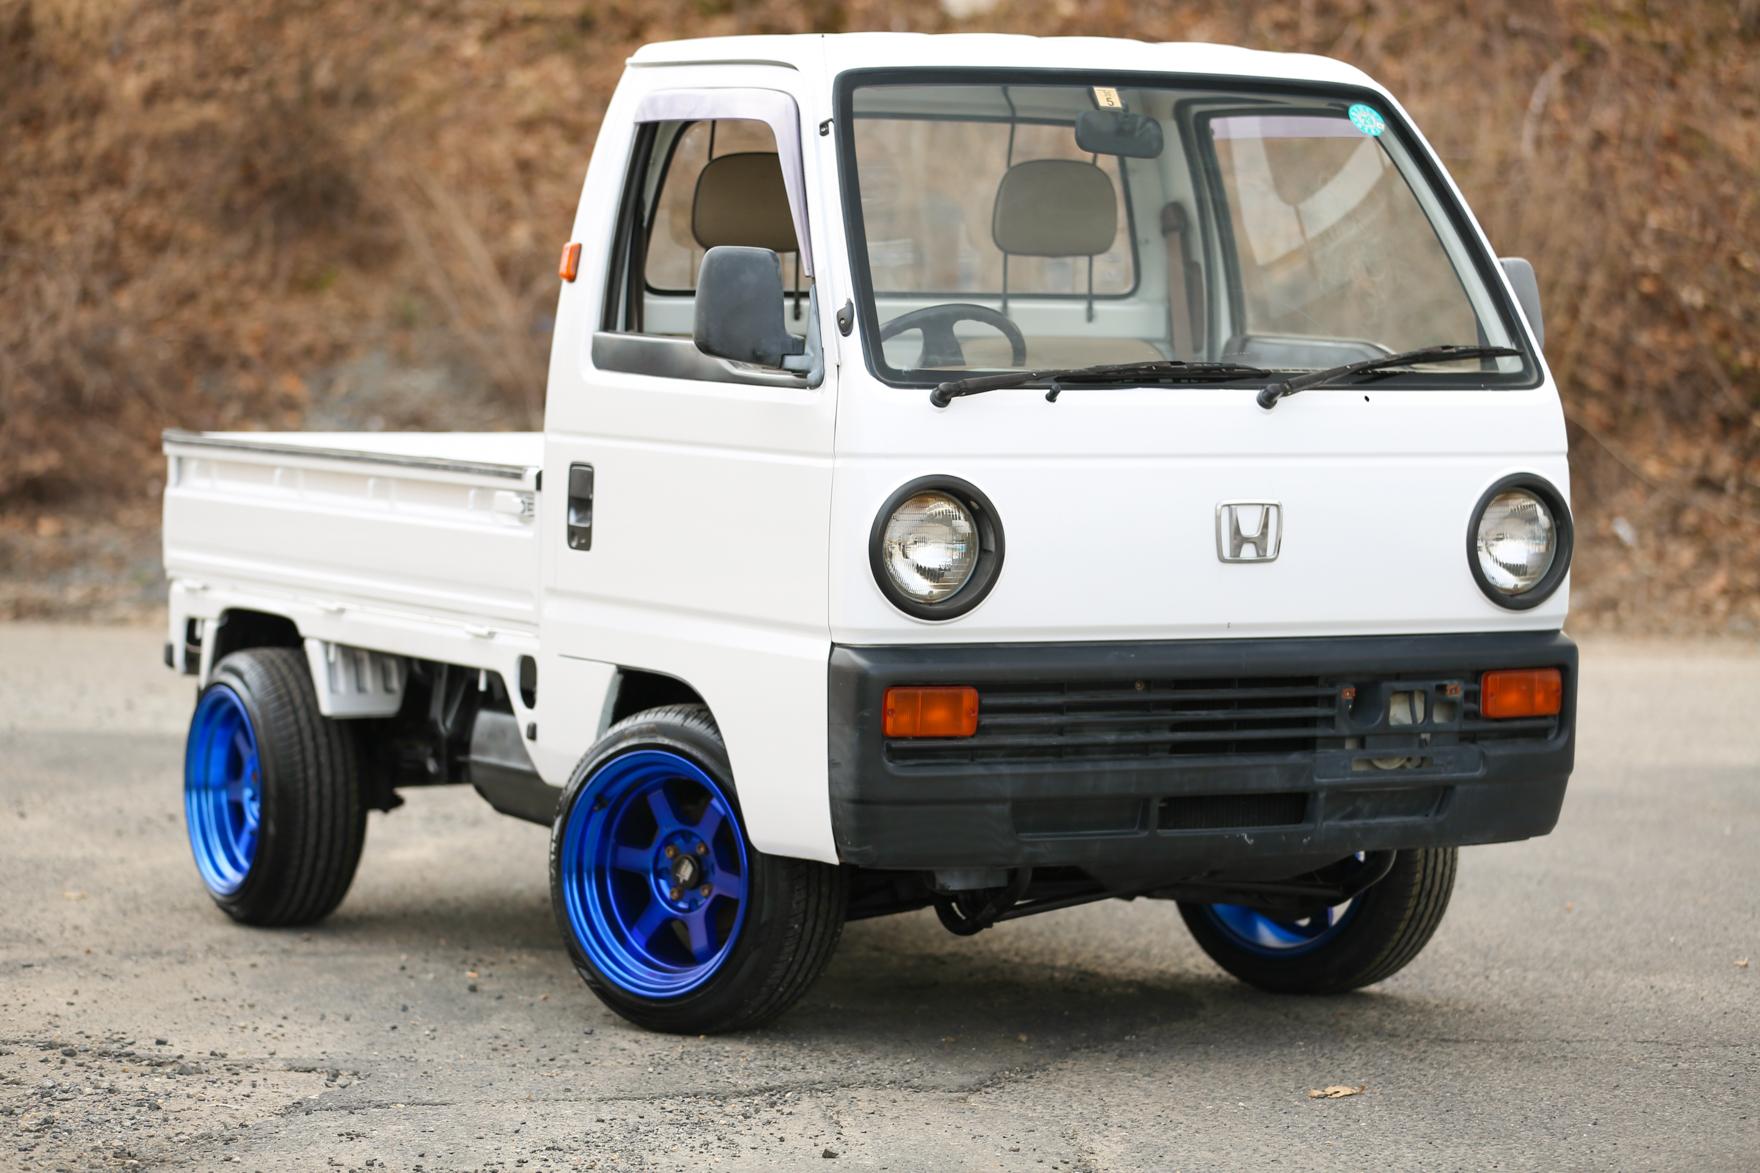 1989 Honda ACTY 4WD - $5,500